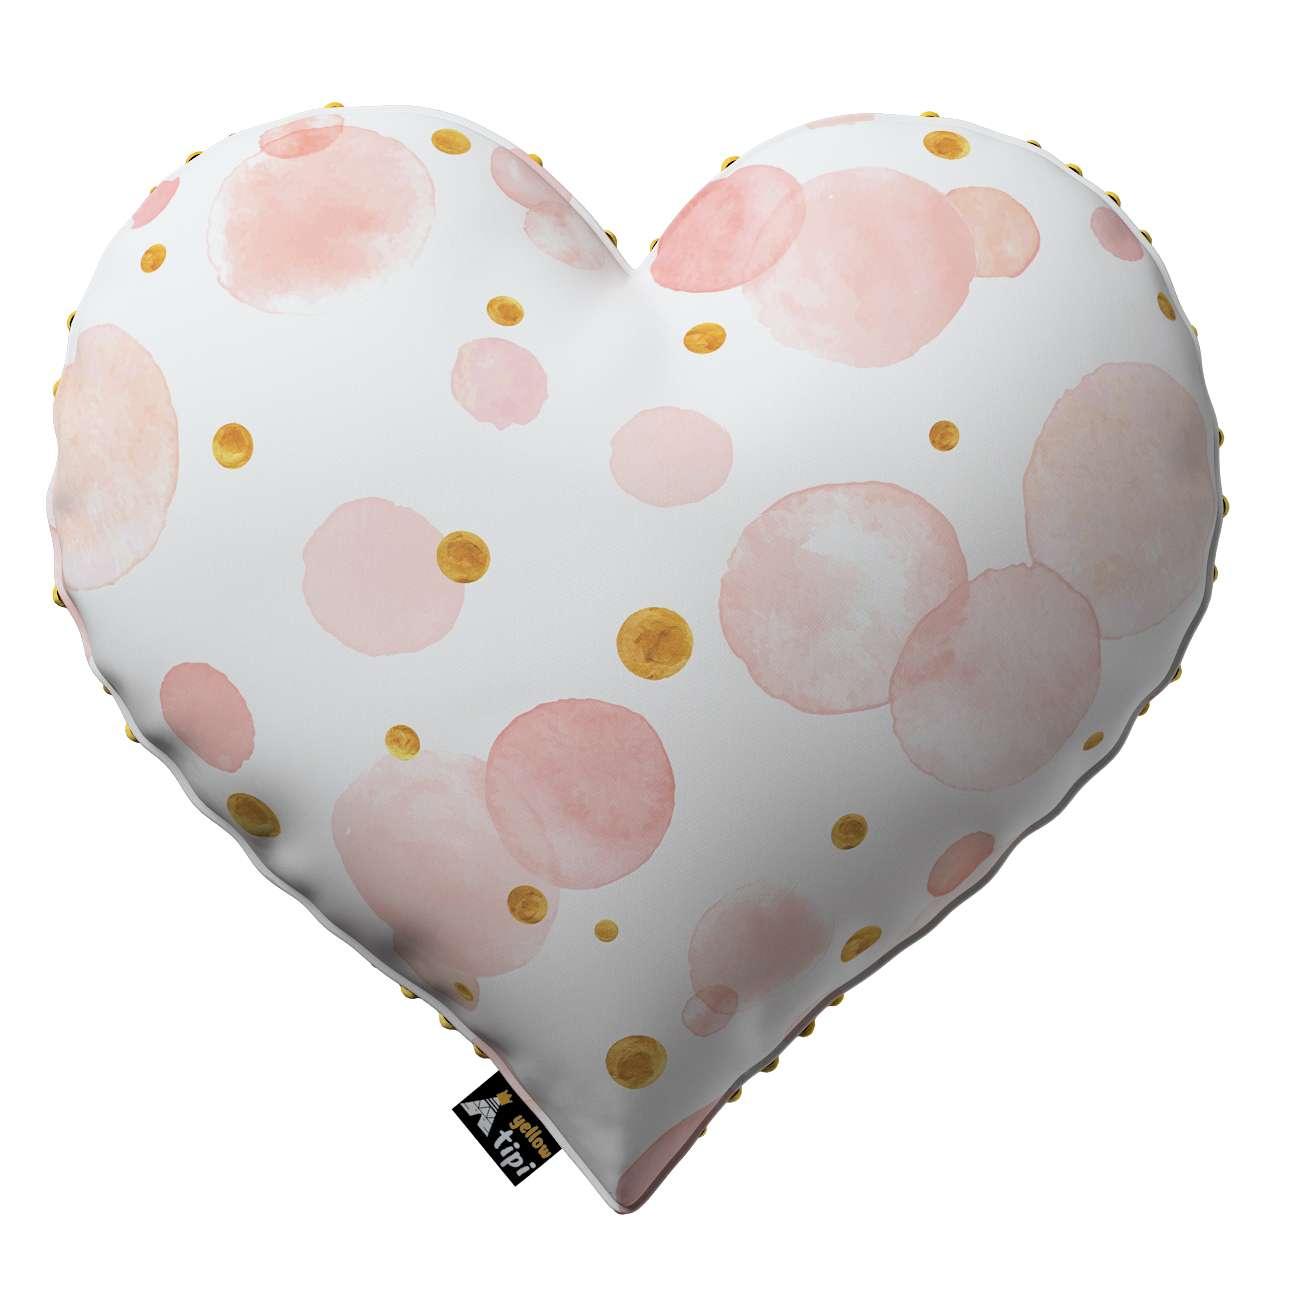 Kissen Heart of Love aus Minky von der Kollektion Magic Collection, Stoff: 500-13